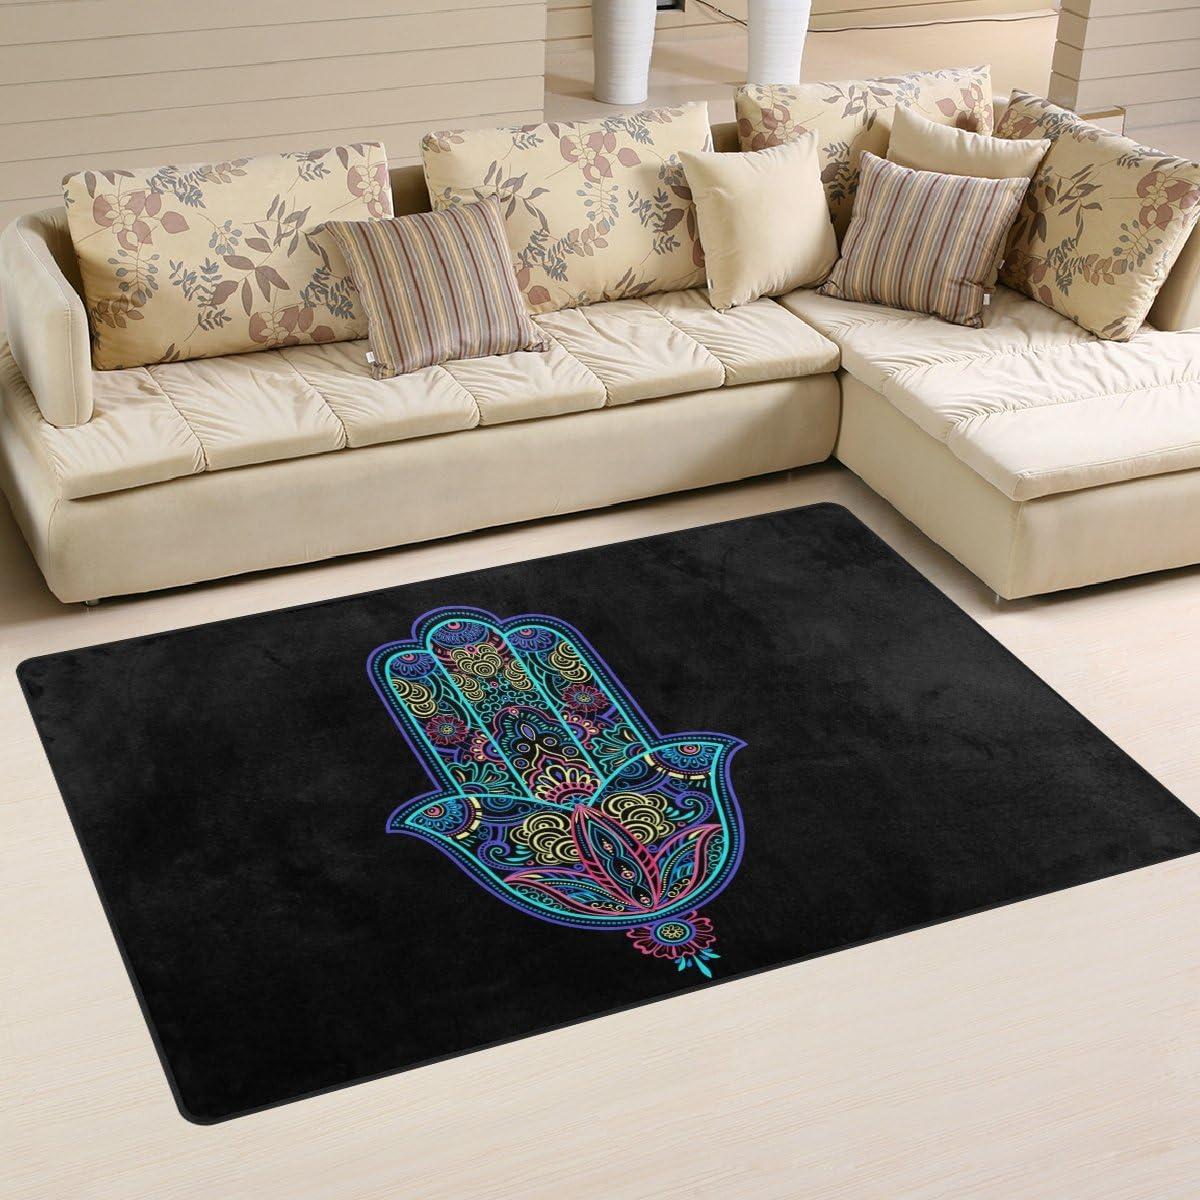 31/'/' Home Doormat Bathroom Bedroom Non-slip Door mat Floor Mats Area Rug Carpet